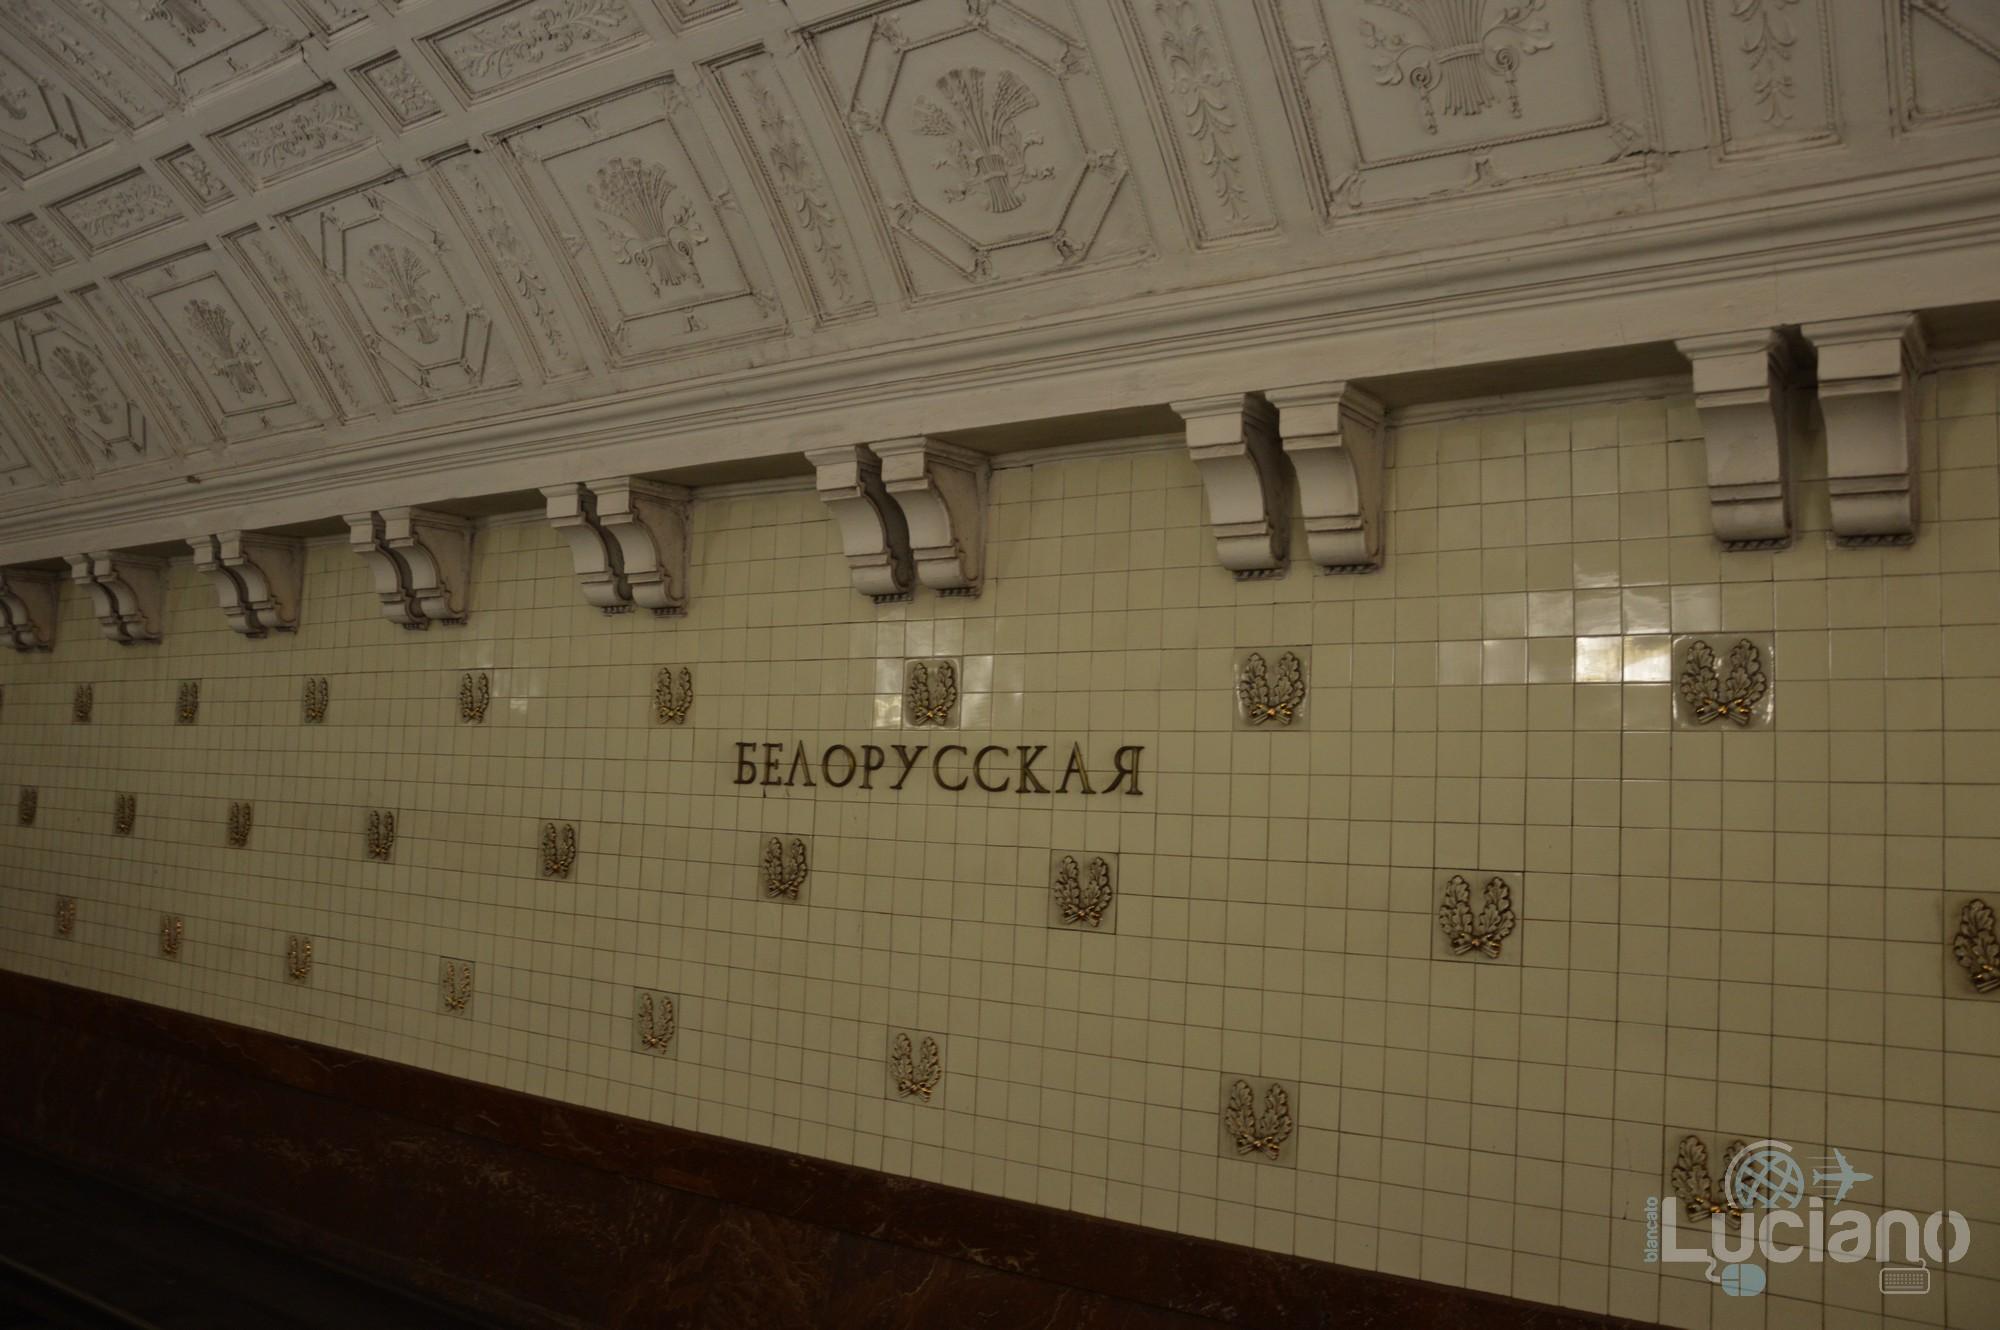 metropolitana-5-circolare-mosca-luciano-blancato (46)